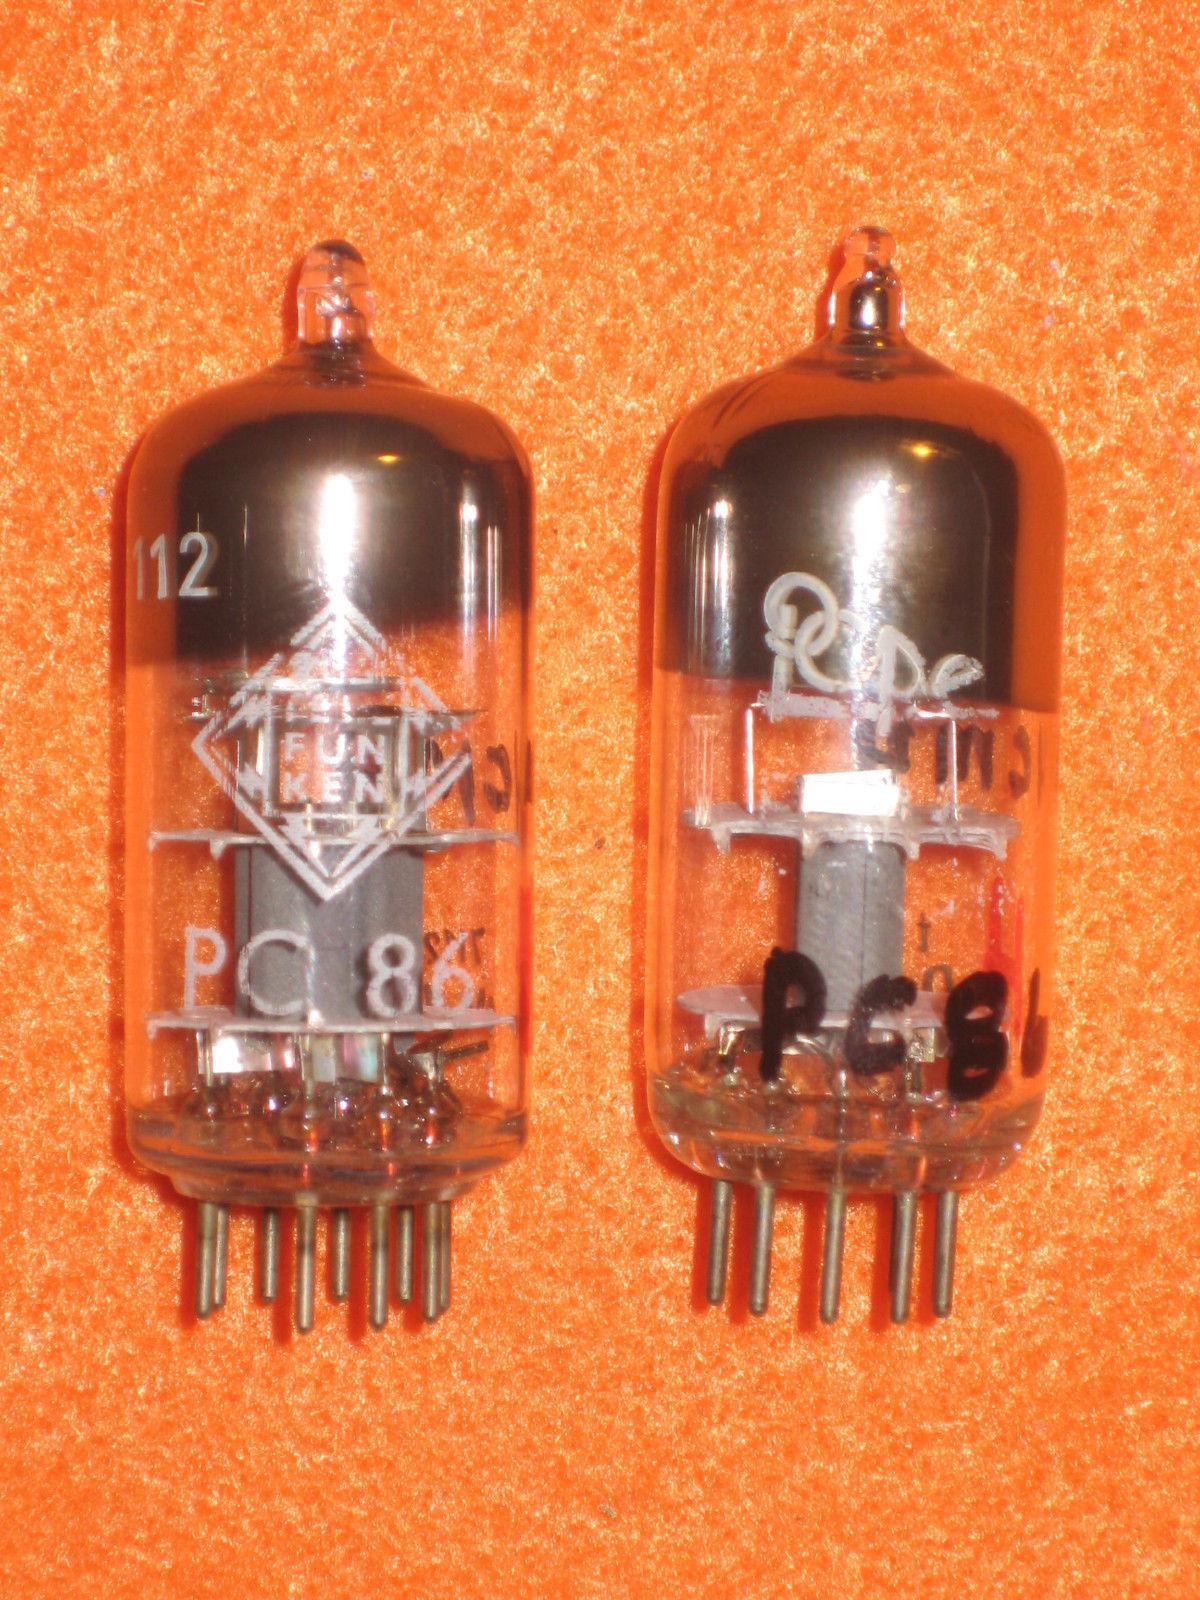 Vintage Radio Vacuum Tube (one): PC86 - Tested Good